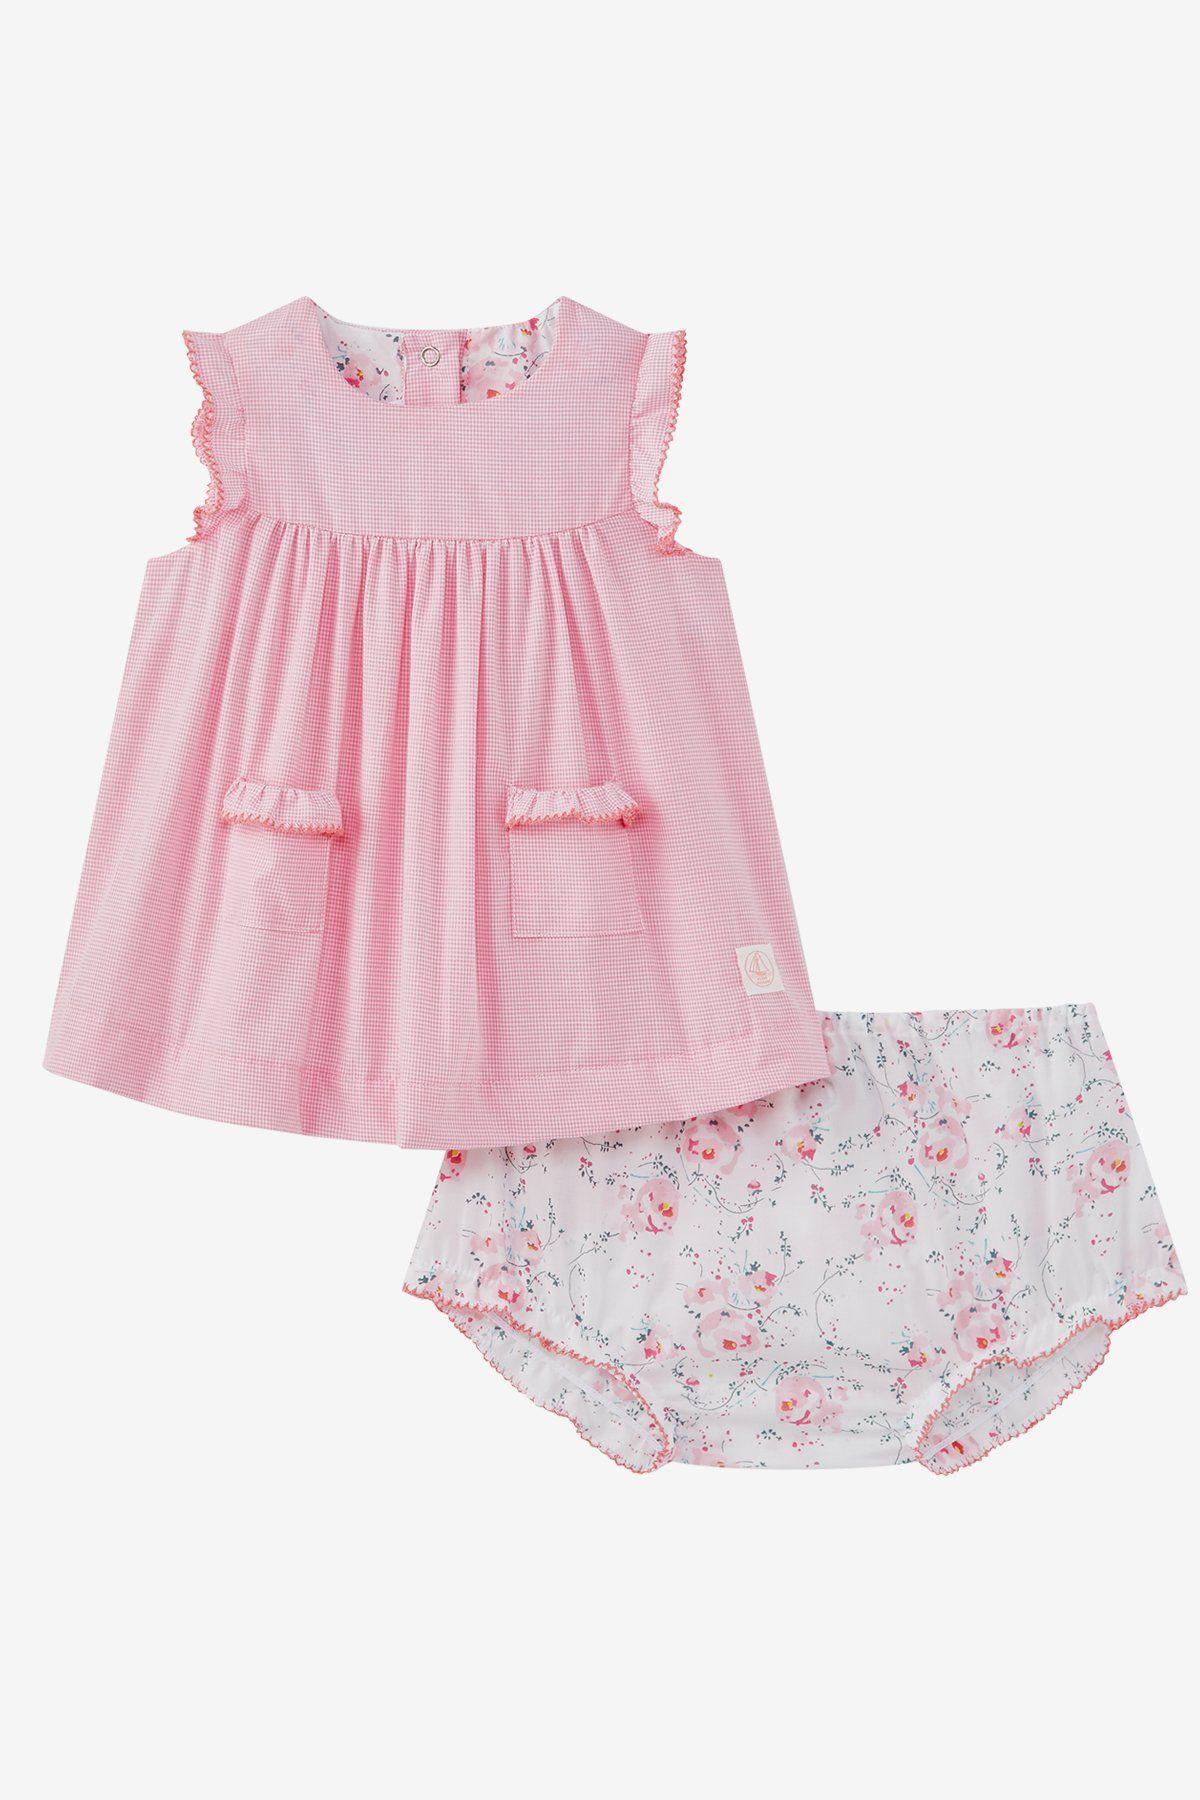 Petit Bateau Baby Girls Clothing Set